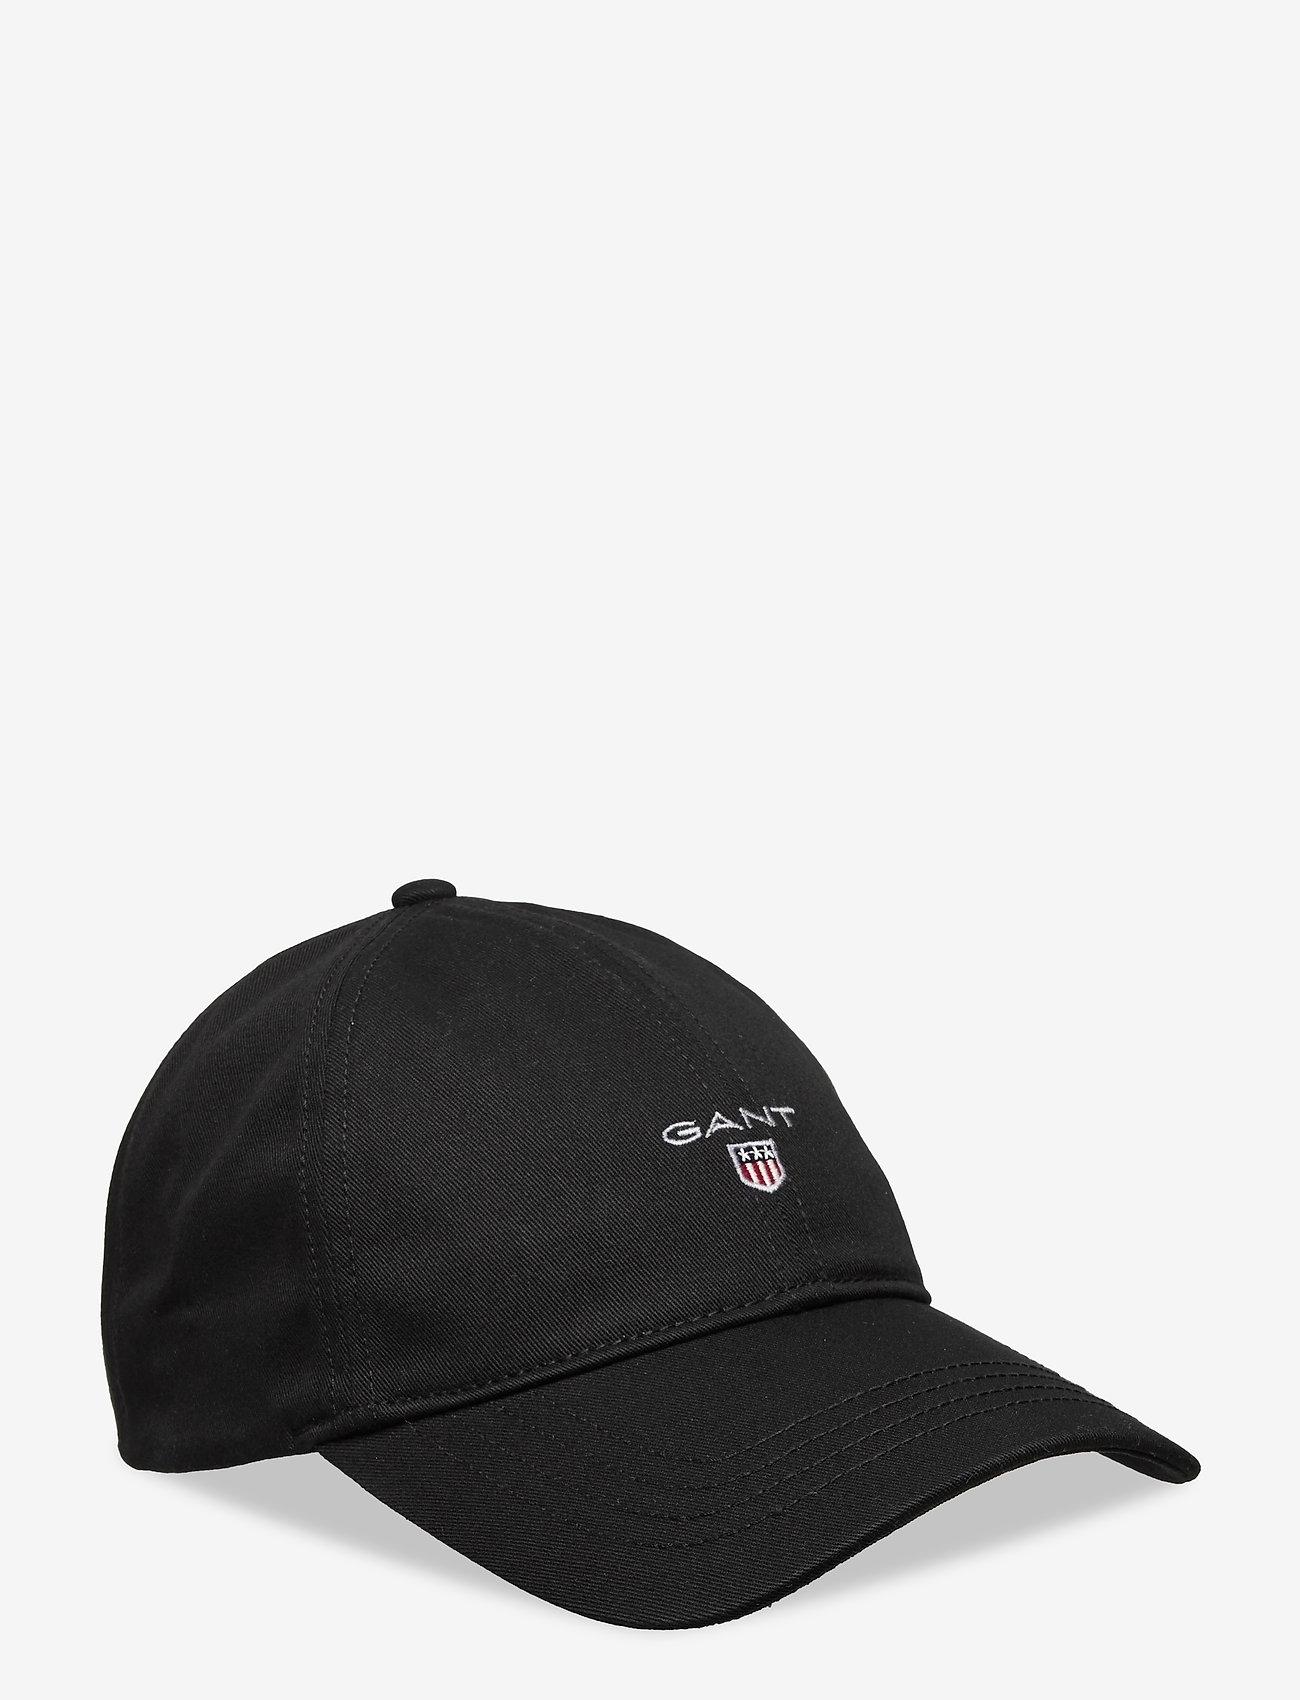 GANT - COTTON TWILL CAP - caps - black - 0